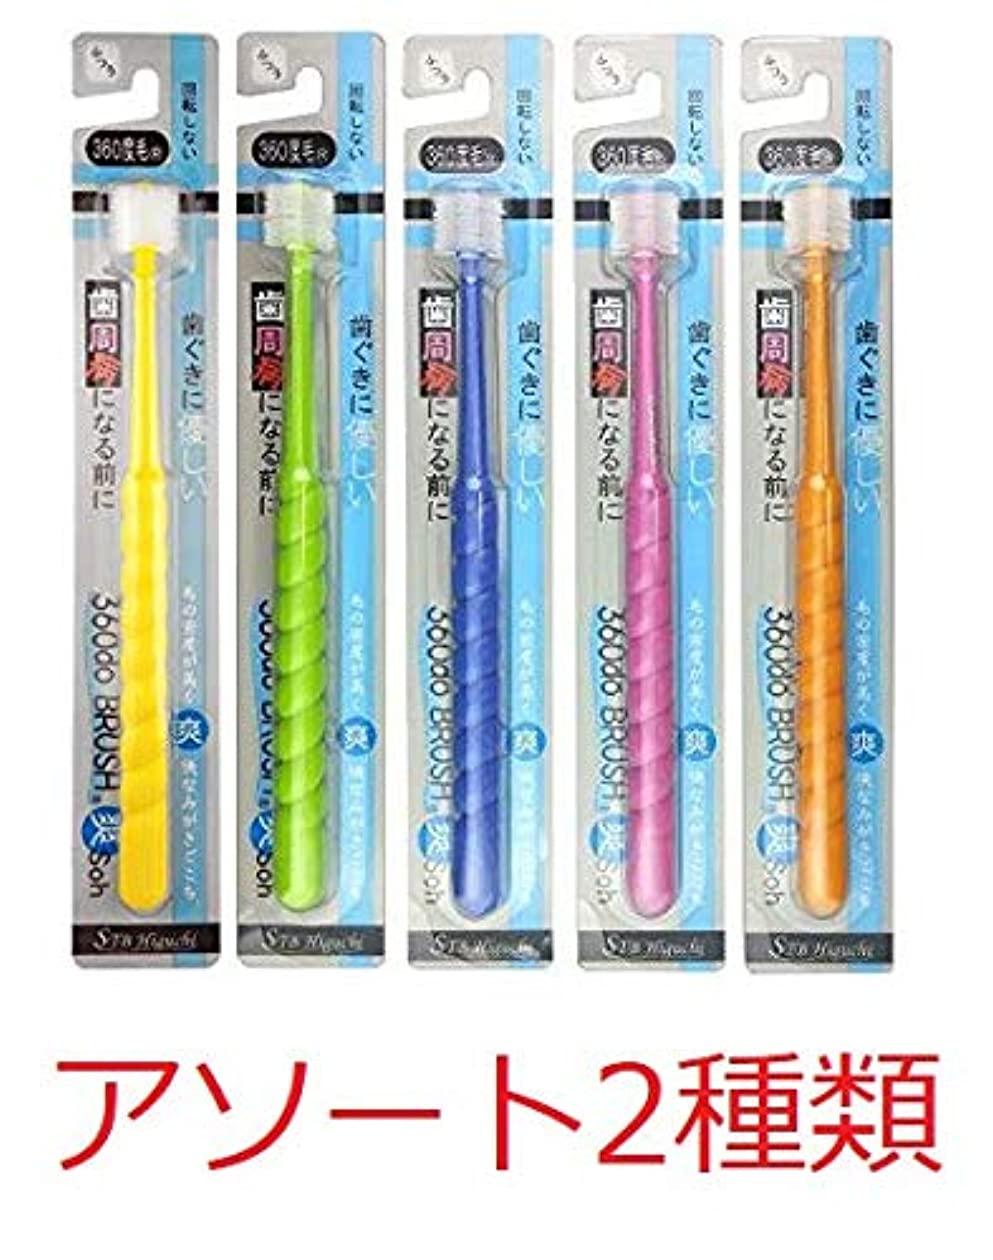 暴力アフリカ人ドロー360度歯ブラシ 360do BRUSH 爽(SOH)2個セット (カラーは2色おまかせ)